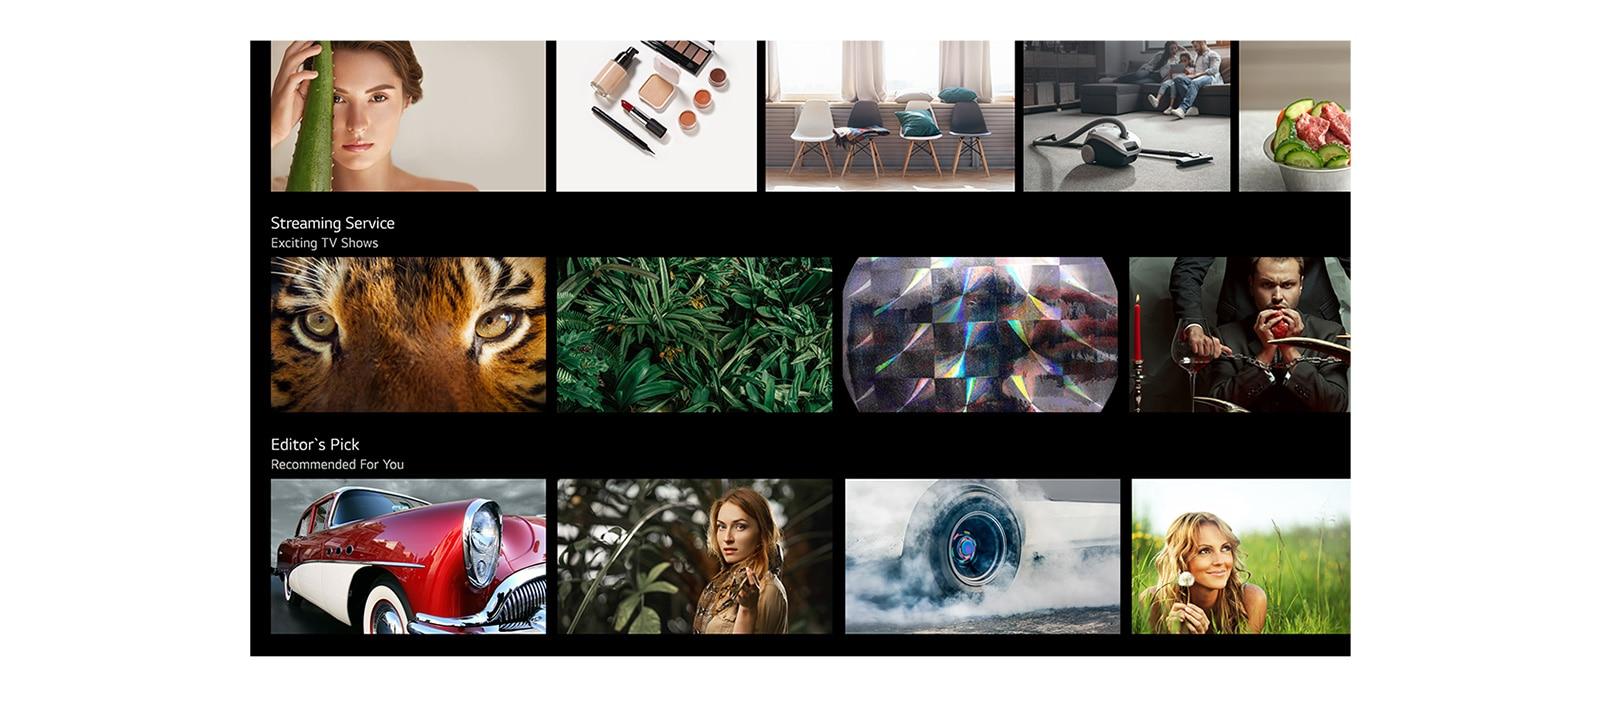 شاشة تلفزيون تعرض محتويات مختلفة مدرجة وموصى بها من قبل ThinQ AI من إل جي